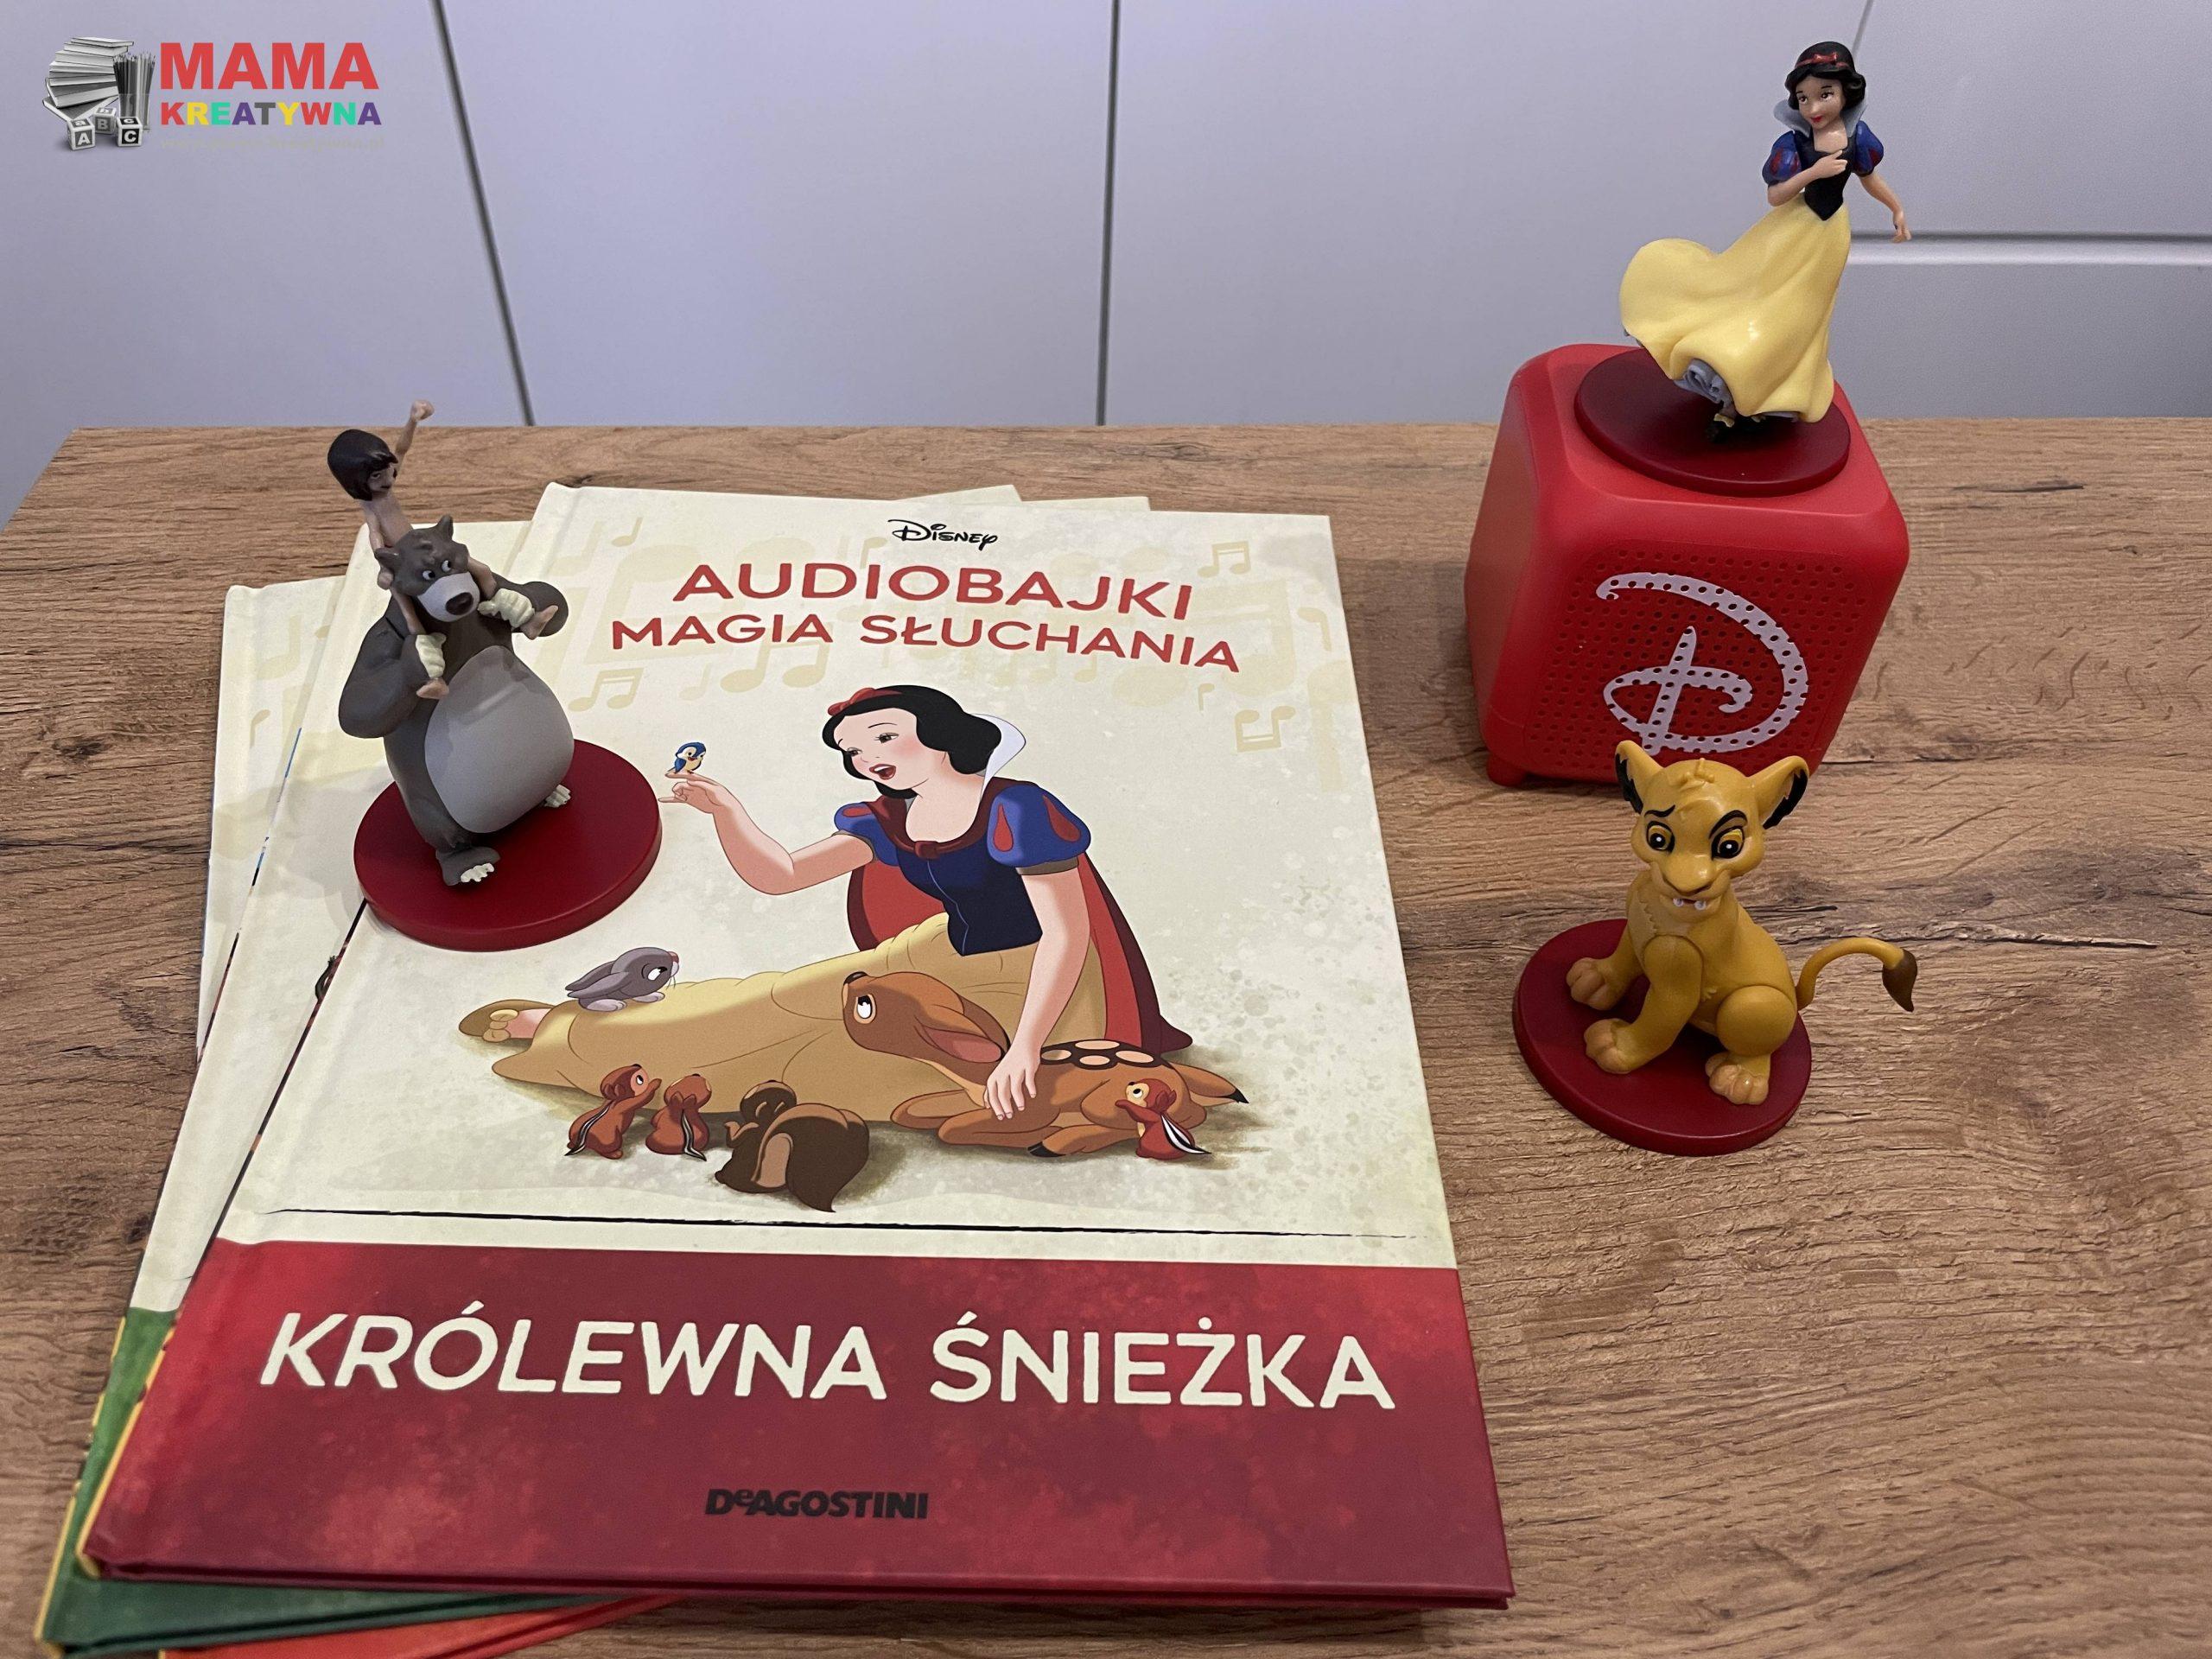 Audiobajki Disneya – Magia Słuchania